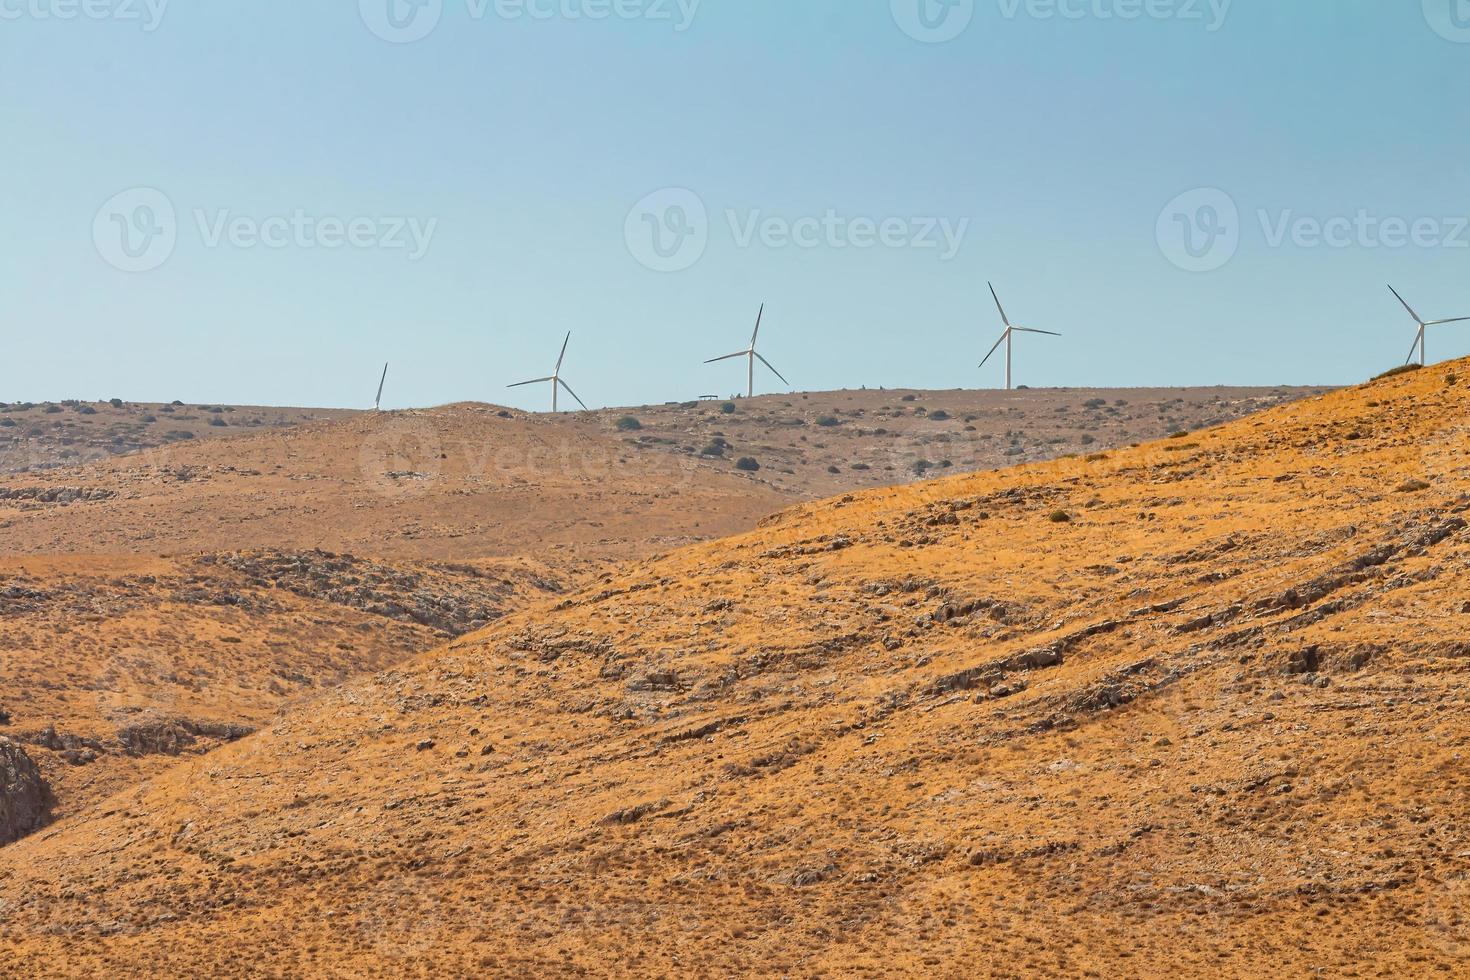 Le turbine eoliche in una fattoria eolica su una montagna nelle alture del Golan israeliano foto